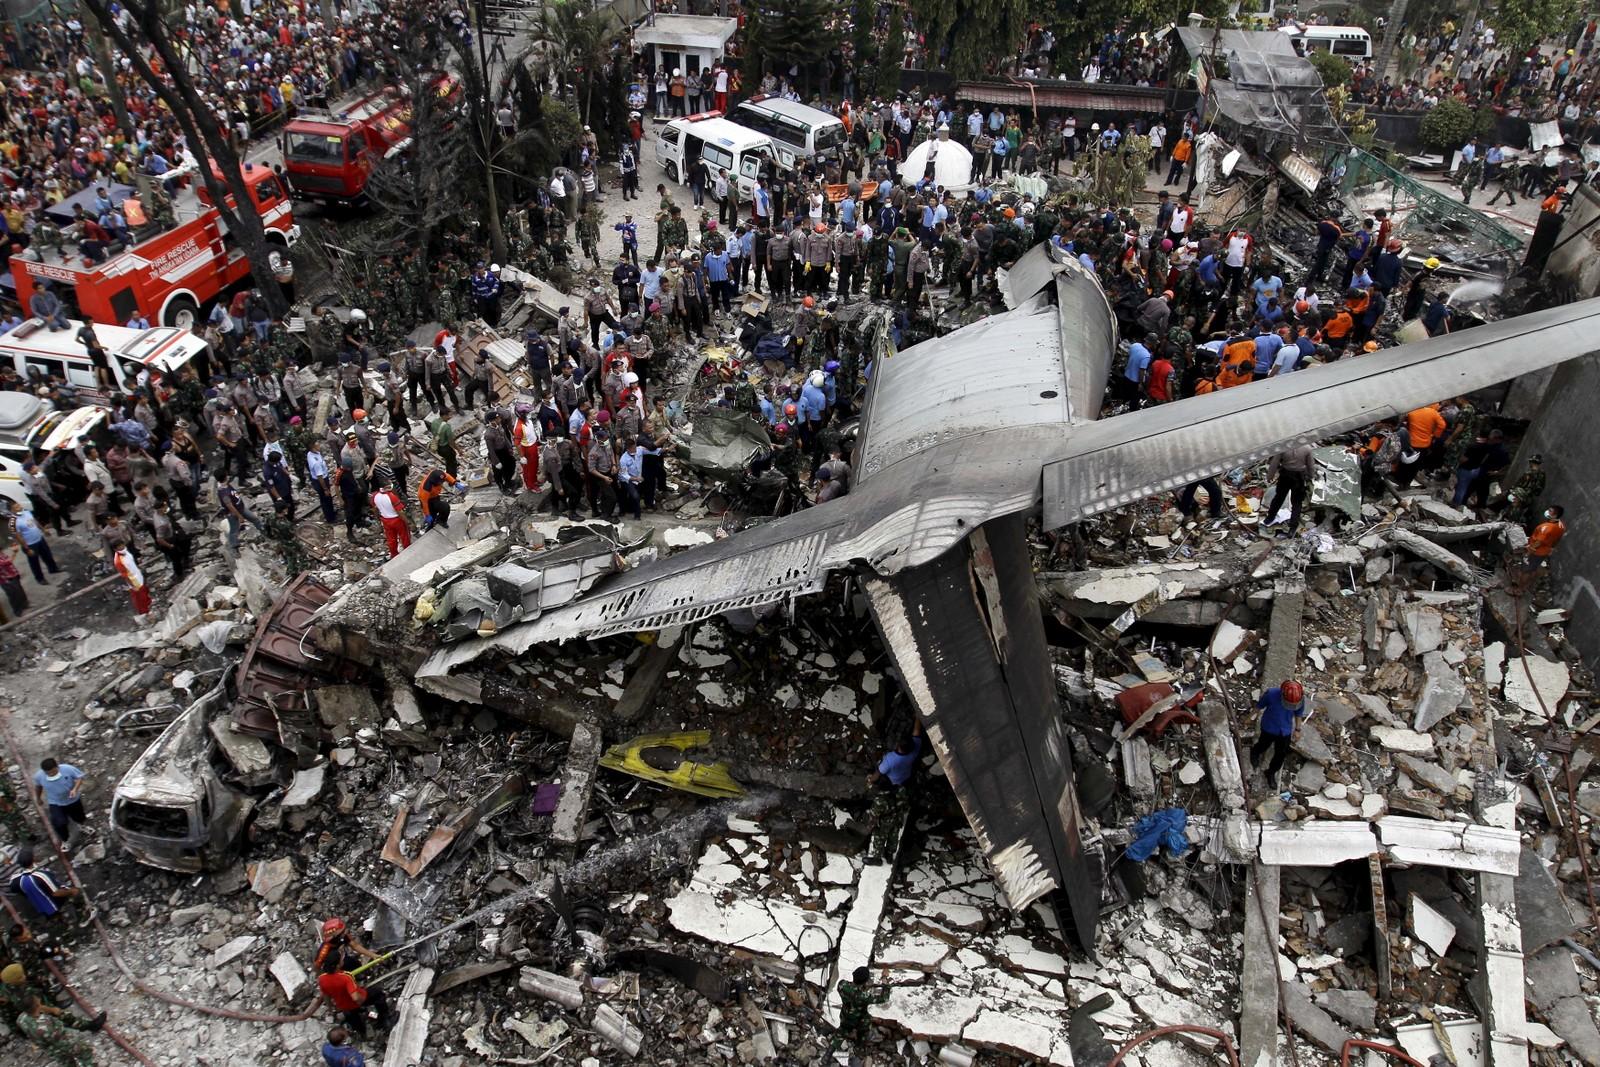 Vraket etter det indonesiske Hercules-flyet som styrtet i et boligfelt i Medan i Indonesia 30. juni. 30 mennesker døde i ulykken.